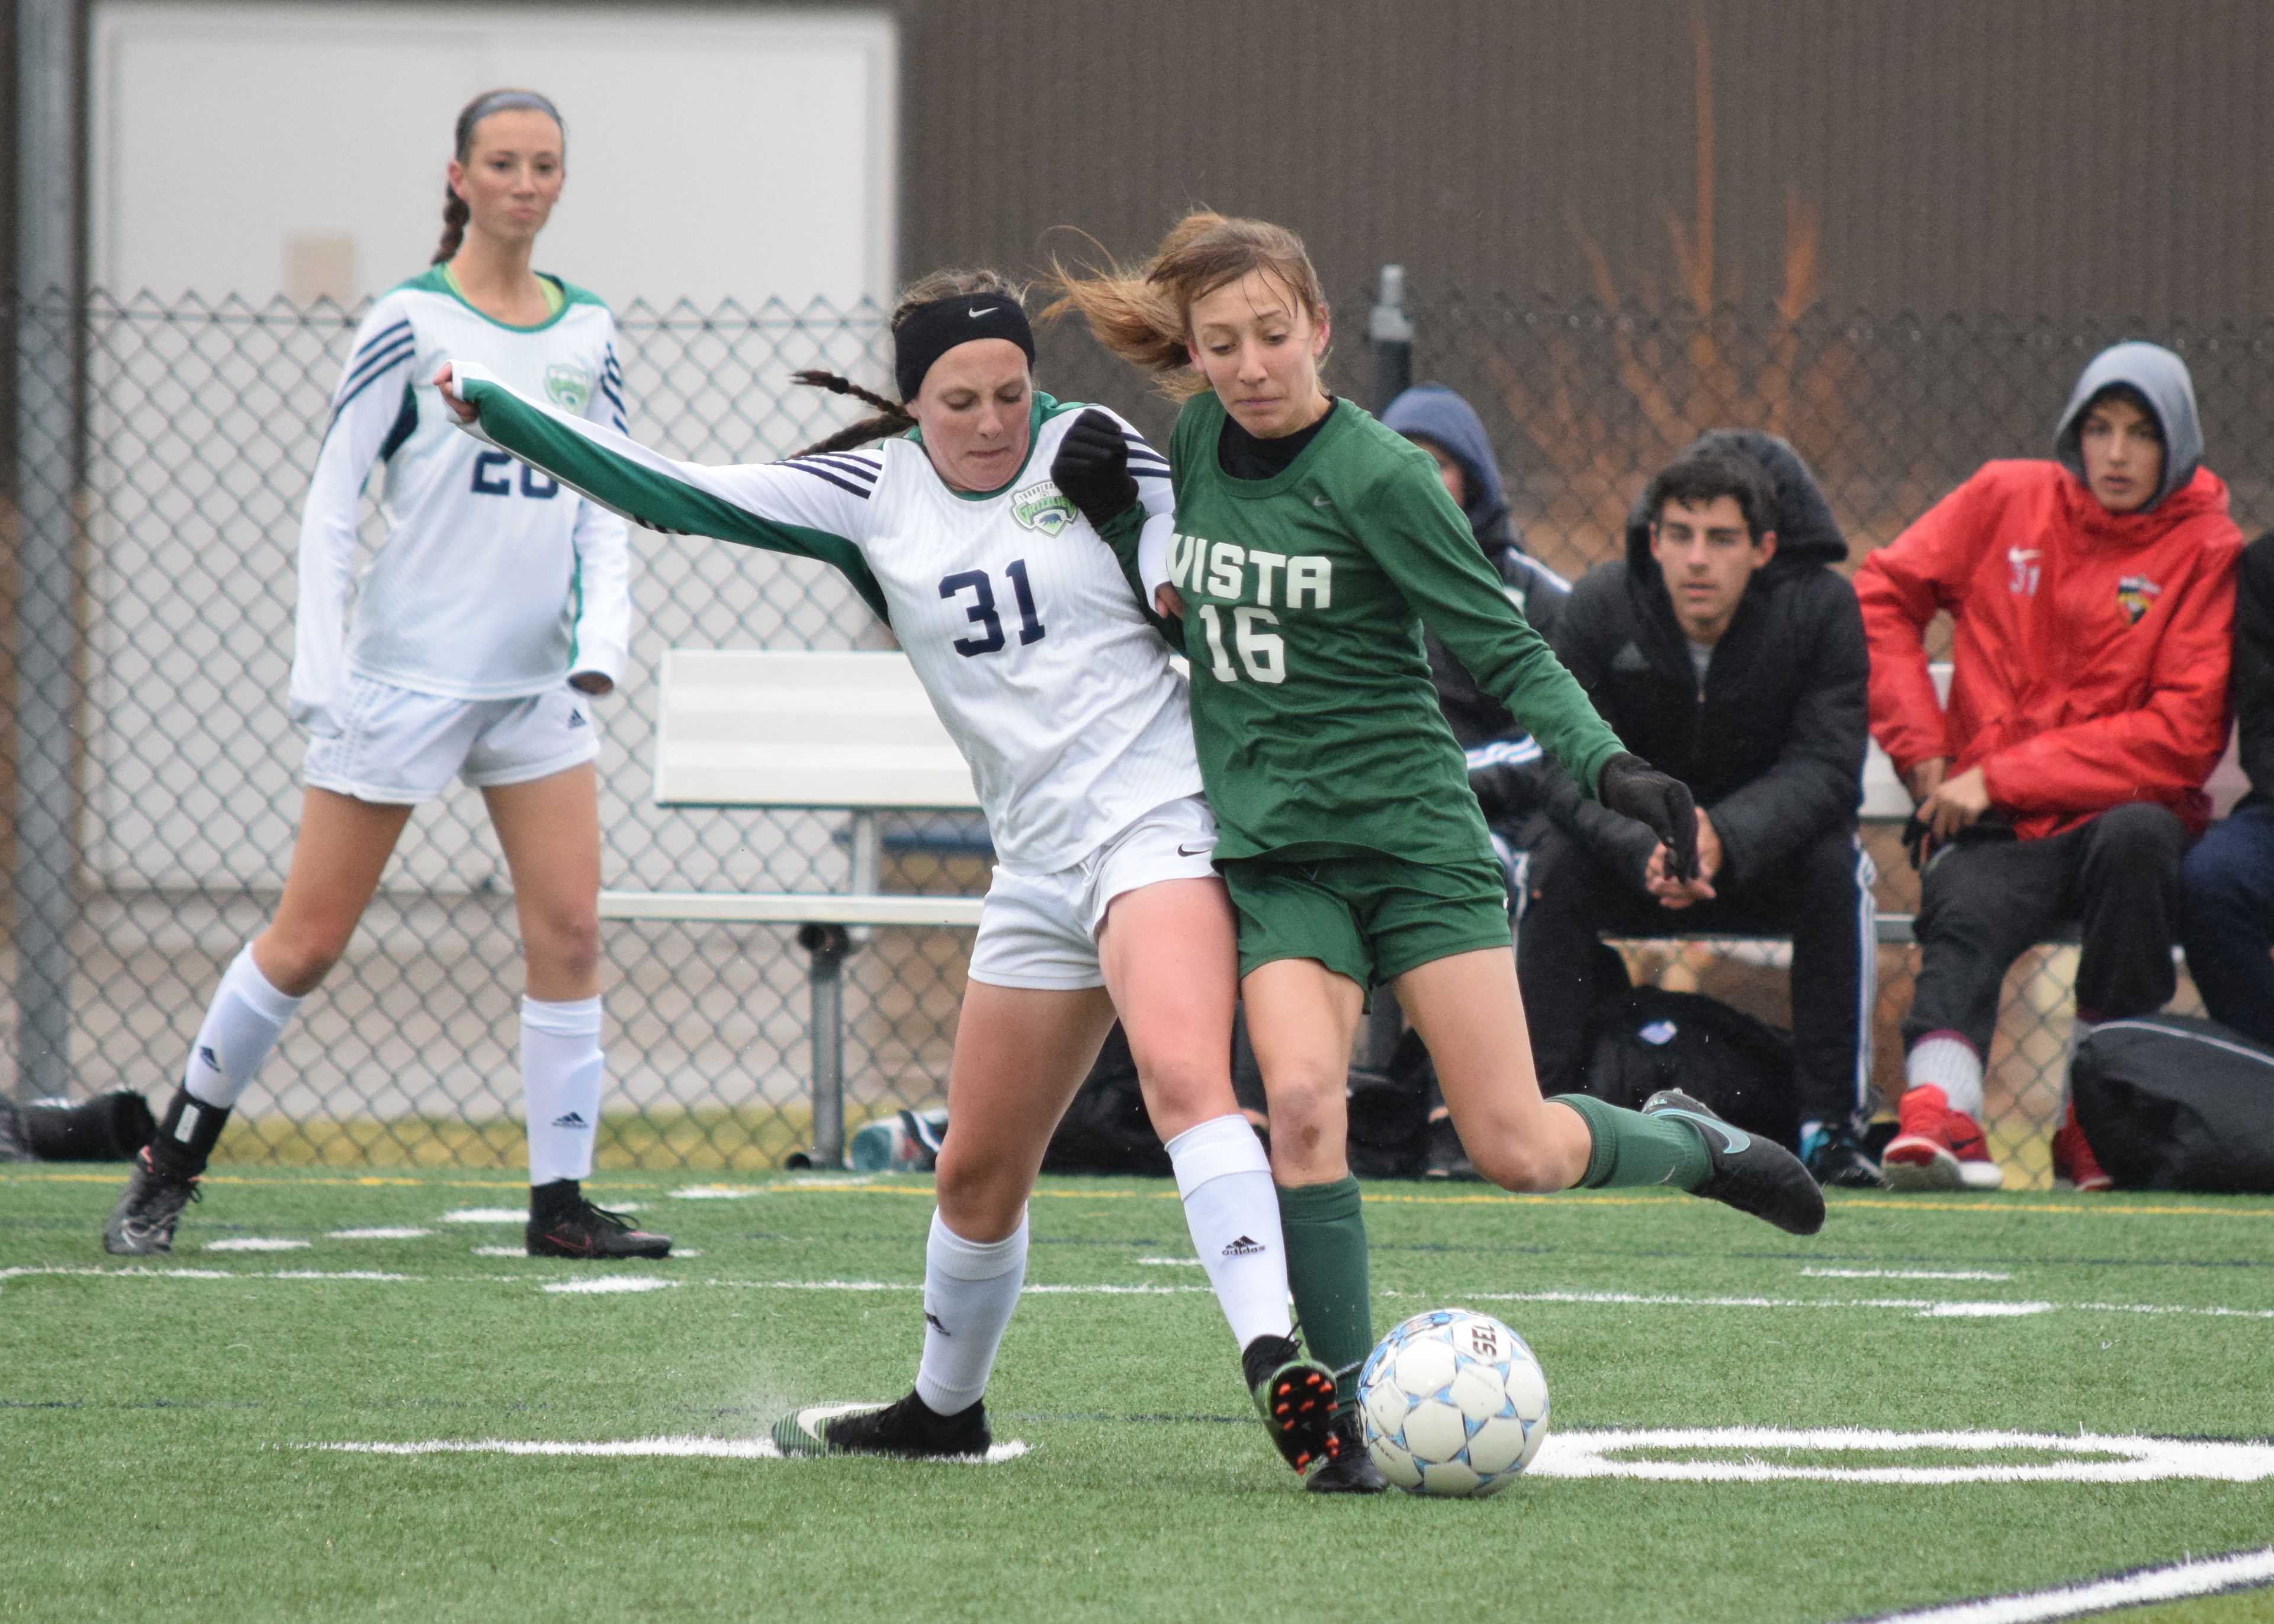 PHOTOS: Women's JV Soccer vs. Thunder Ridge